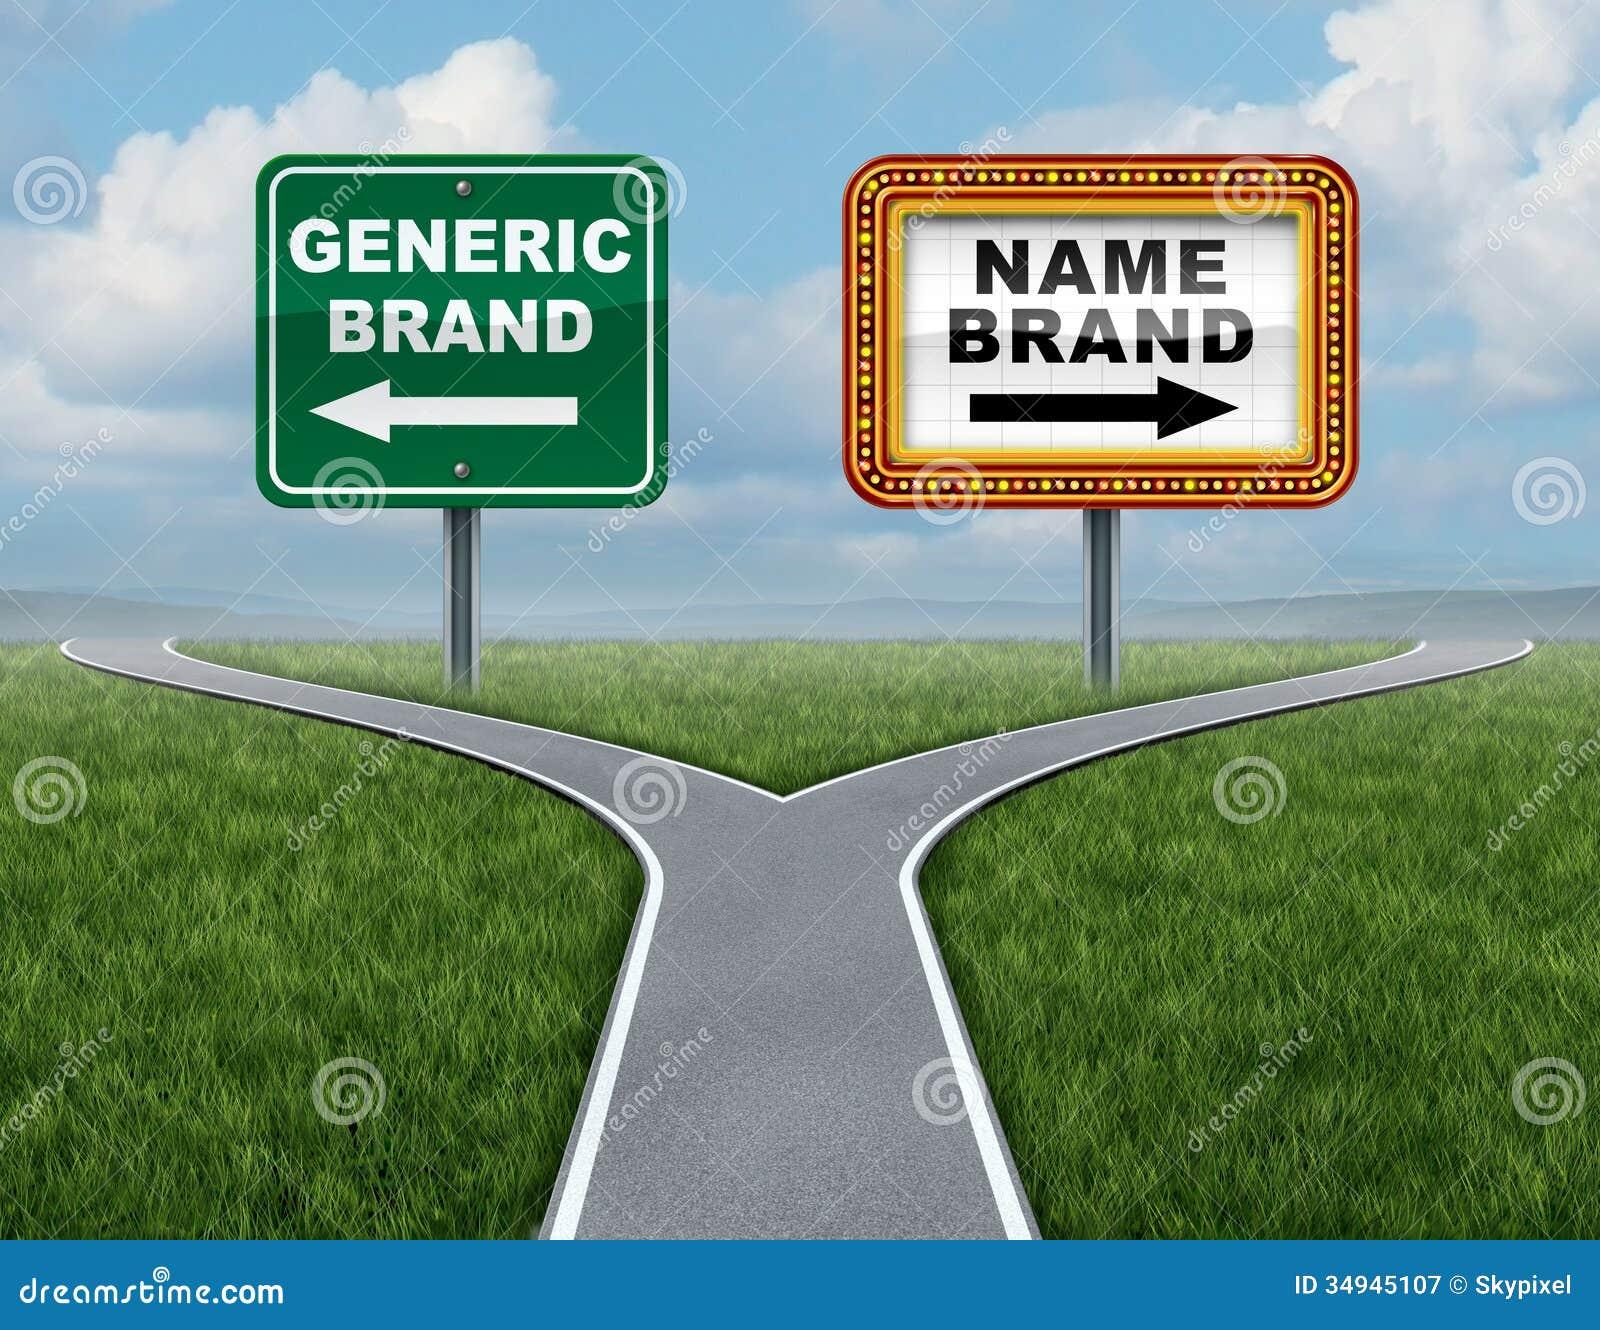 Marca generica contro la marca commerciale